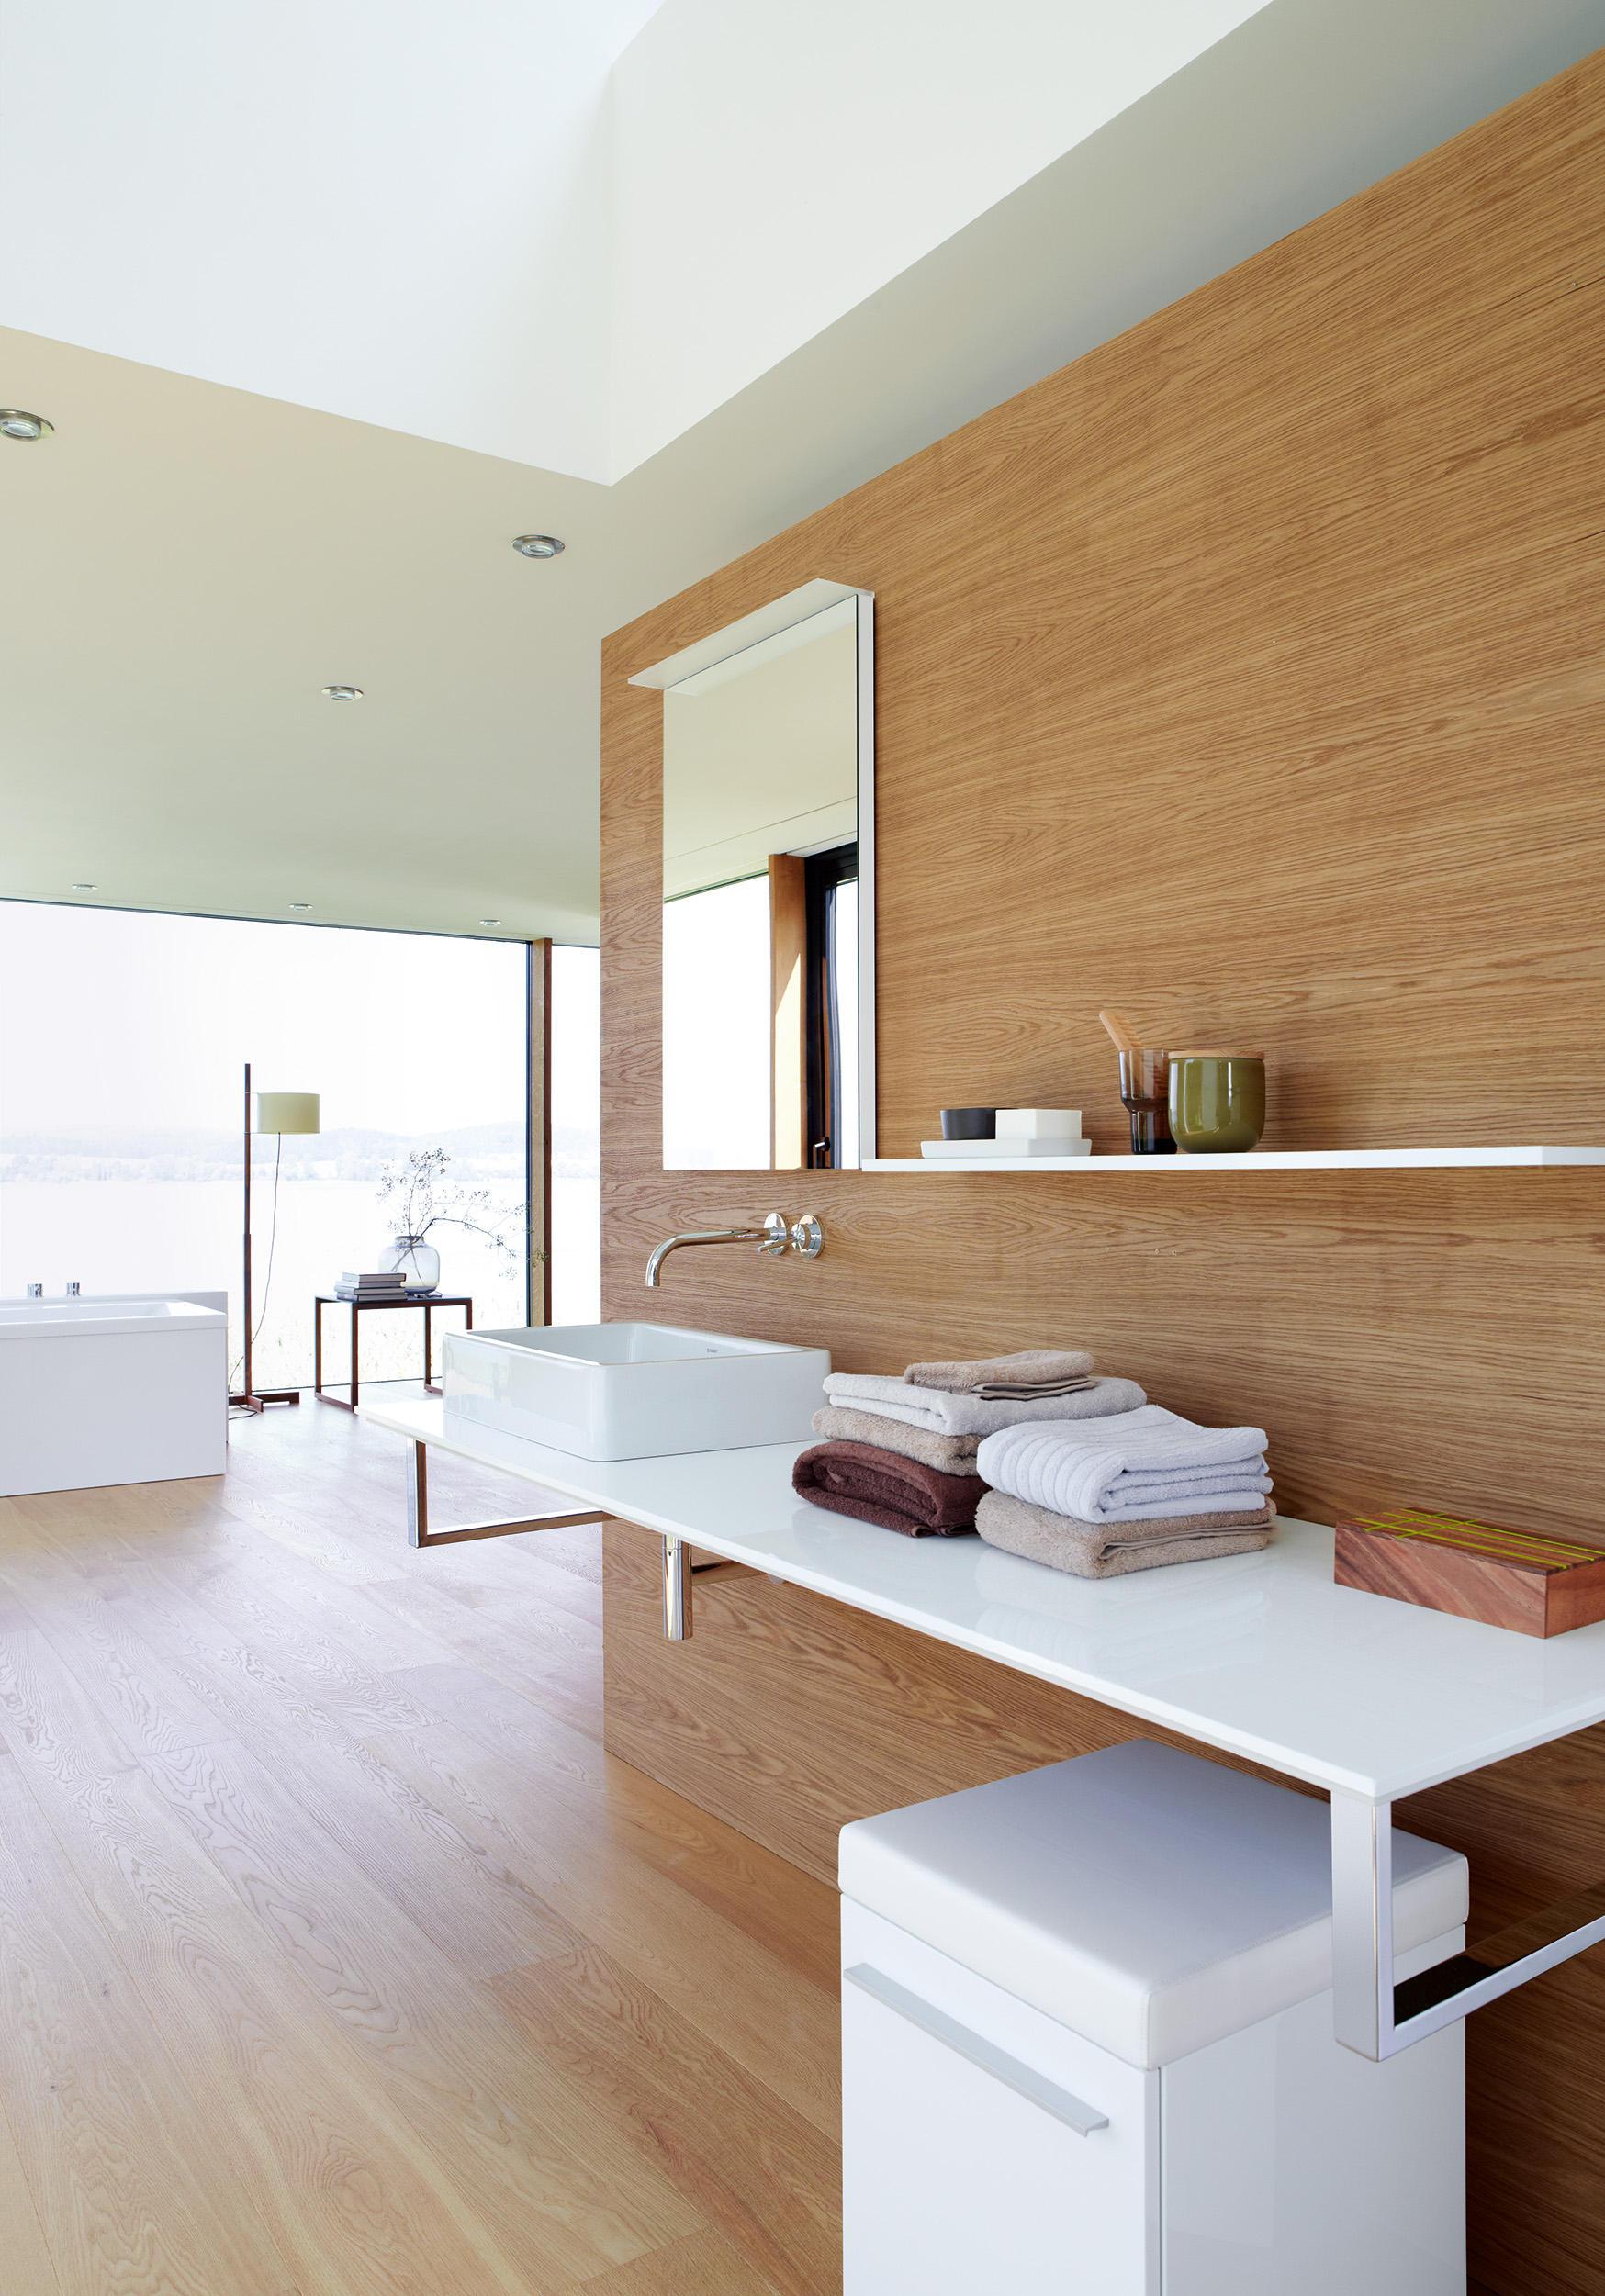 x large aufsatzbecken waschtische von duravit architonic. Black Bedroom Furniture Sets. Home Design Ideas